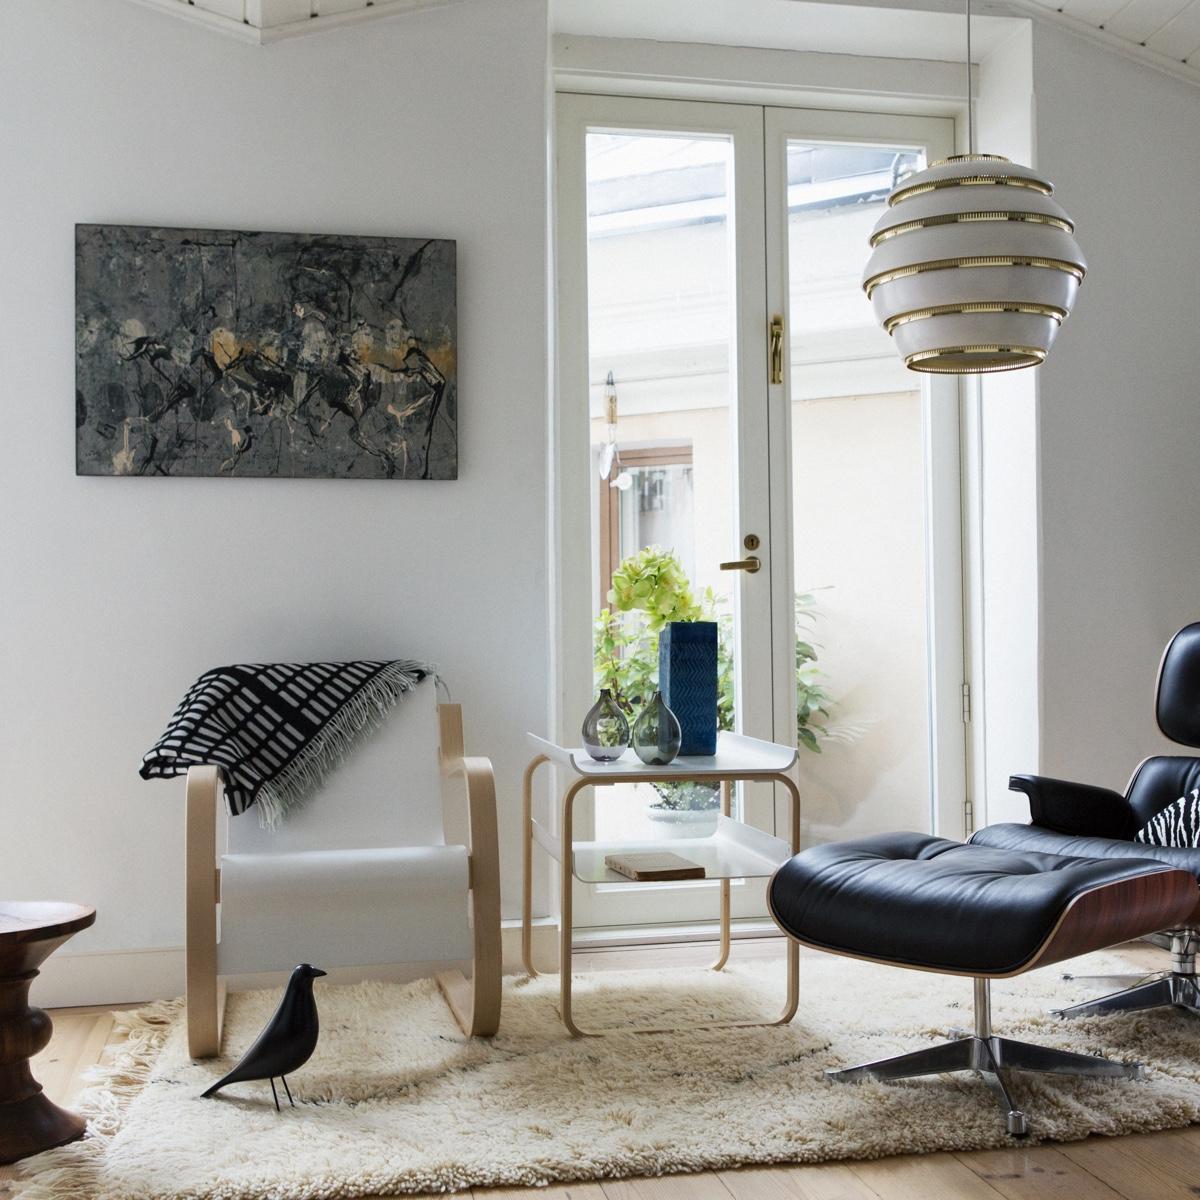 Дизайнер с мировым именем Алвар Аалто - кресло 42, столик 915 и люстра A331